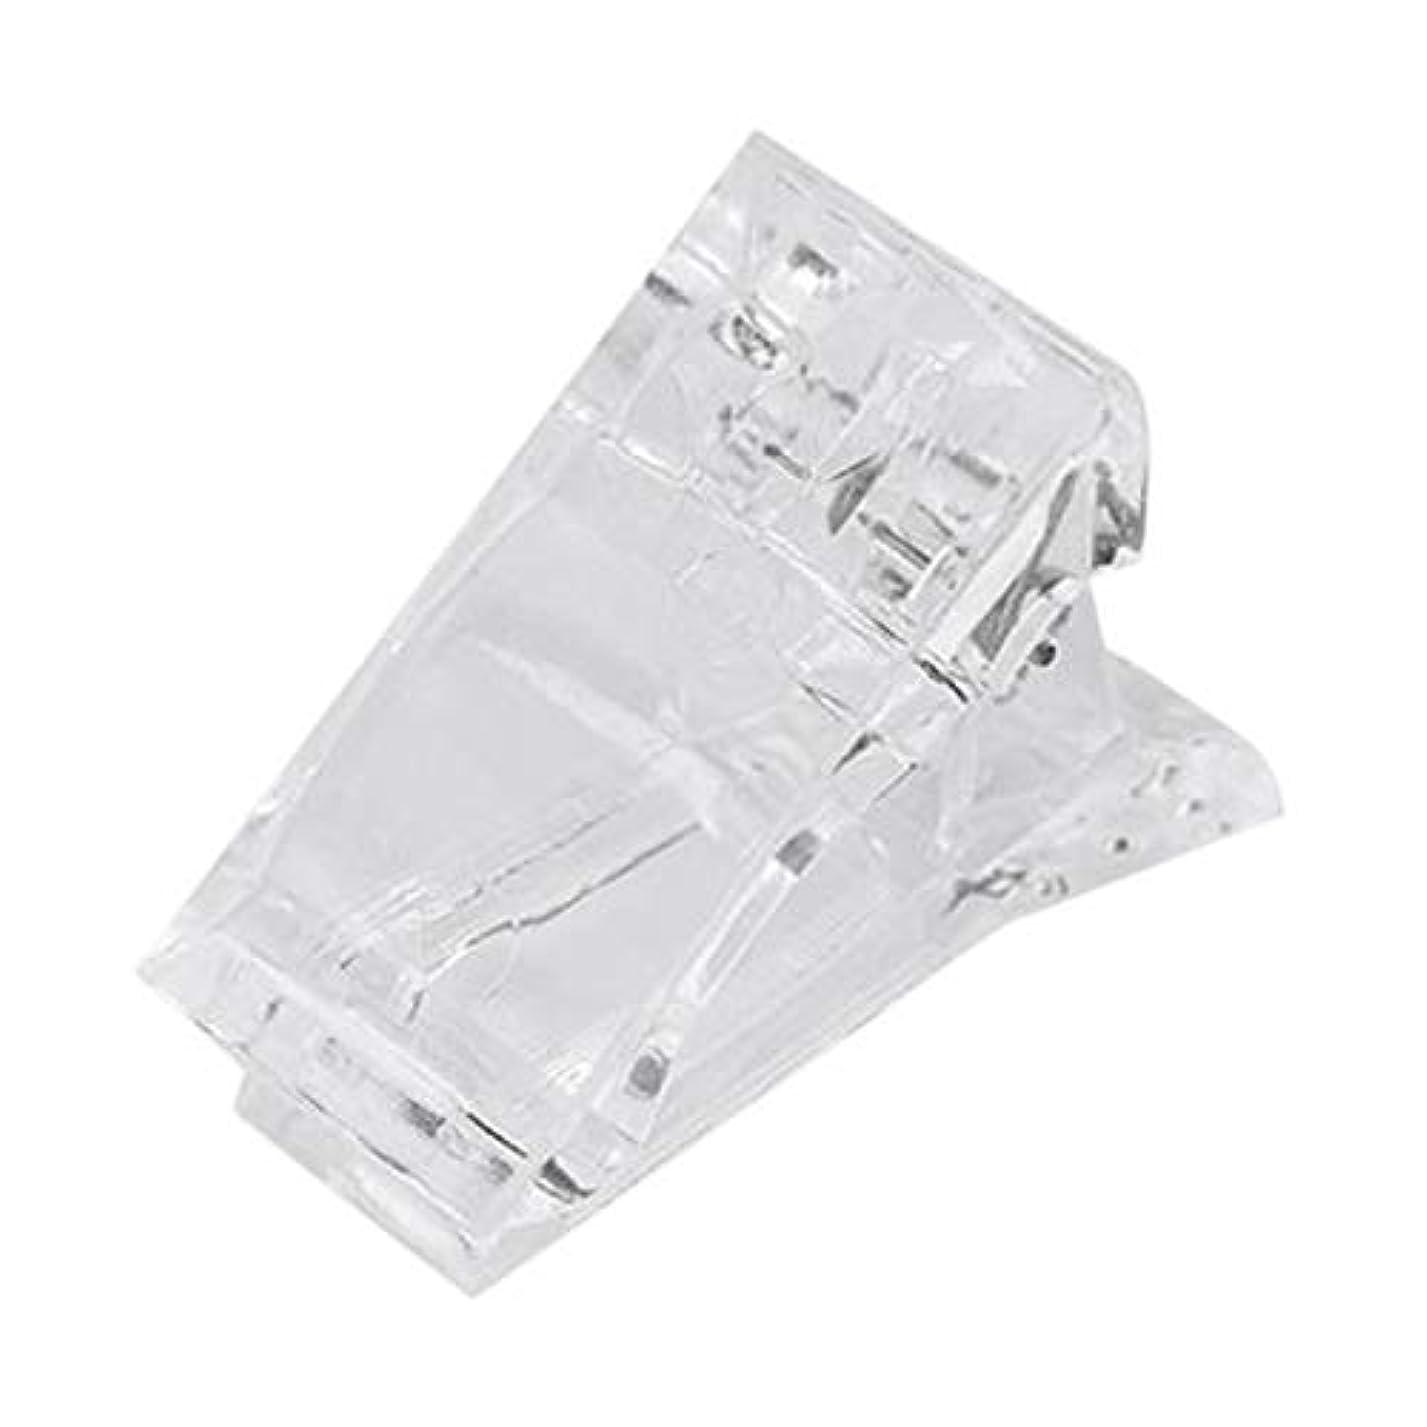 重力ジレンマ頂点TOOGOO ネイルのクリップ 透明指ポリクイック ビルディングジェルエクステンション ネイルアート マニキュアツール アクセサリー 偽ネイル